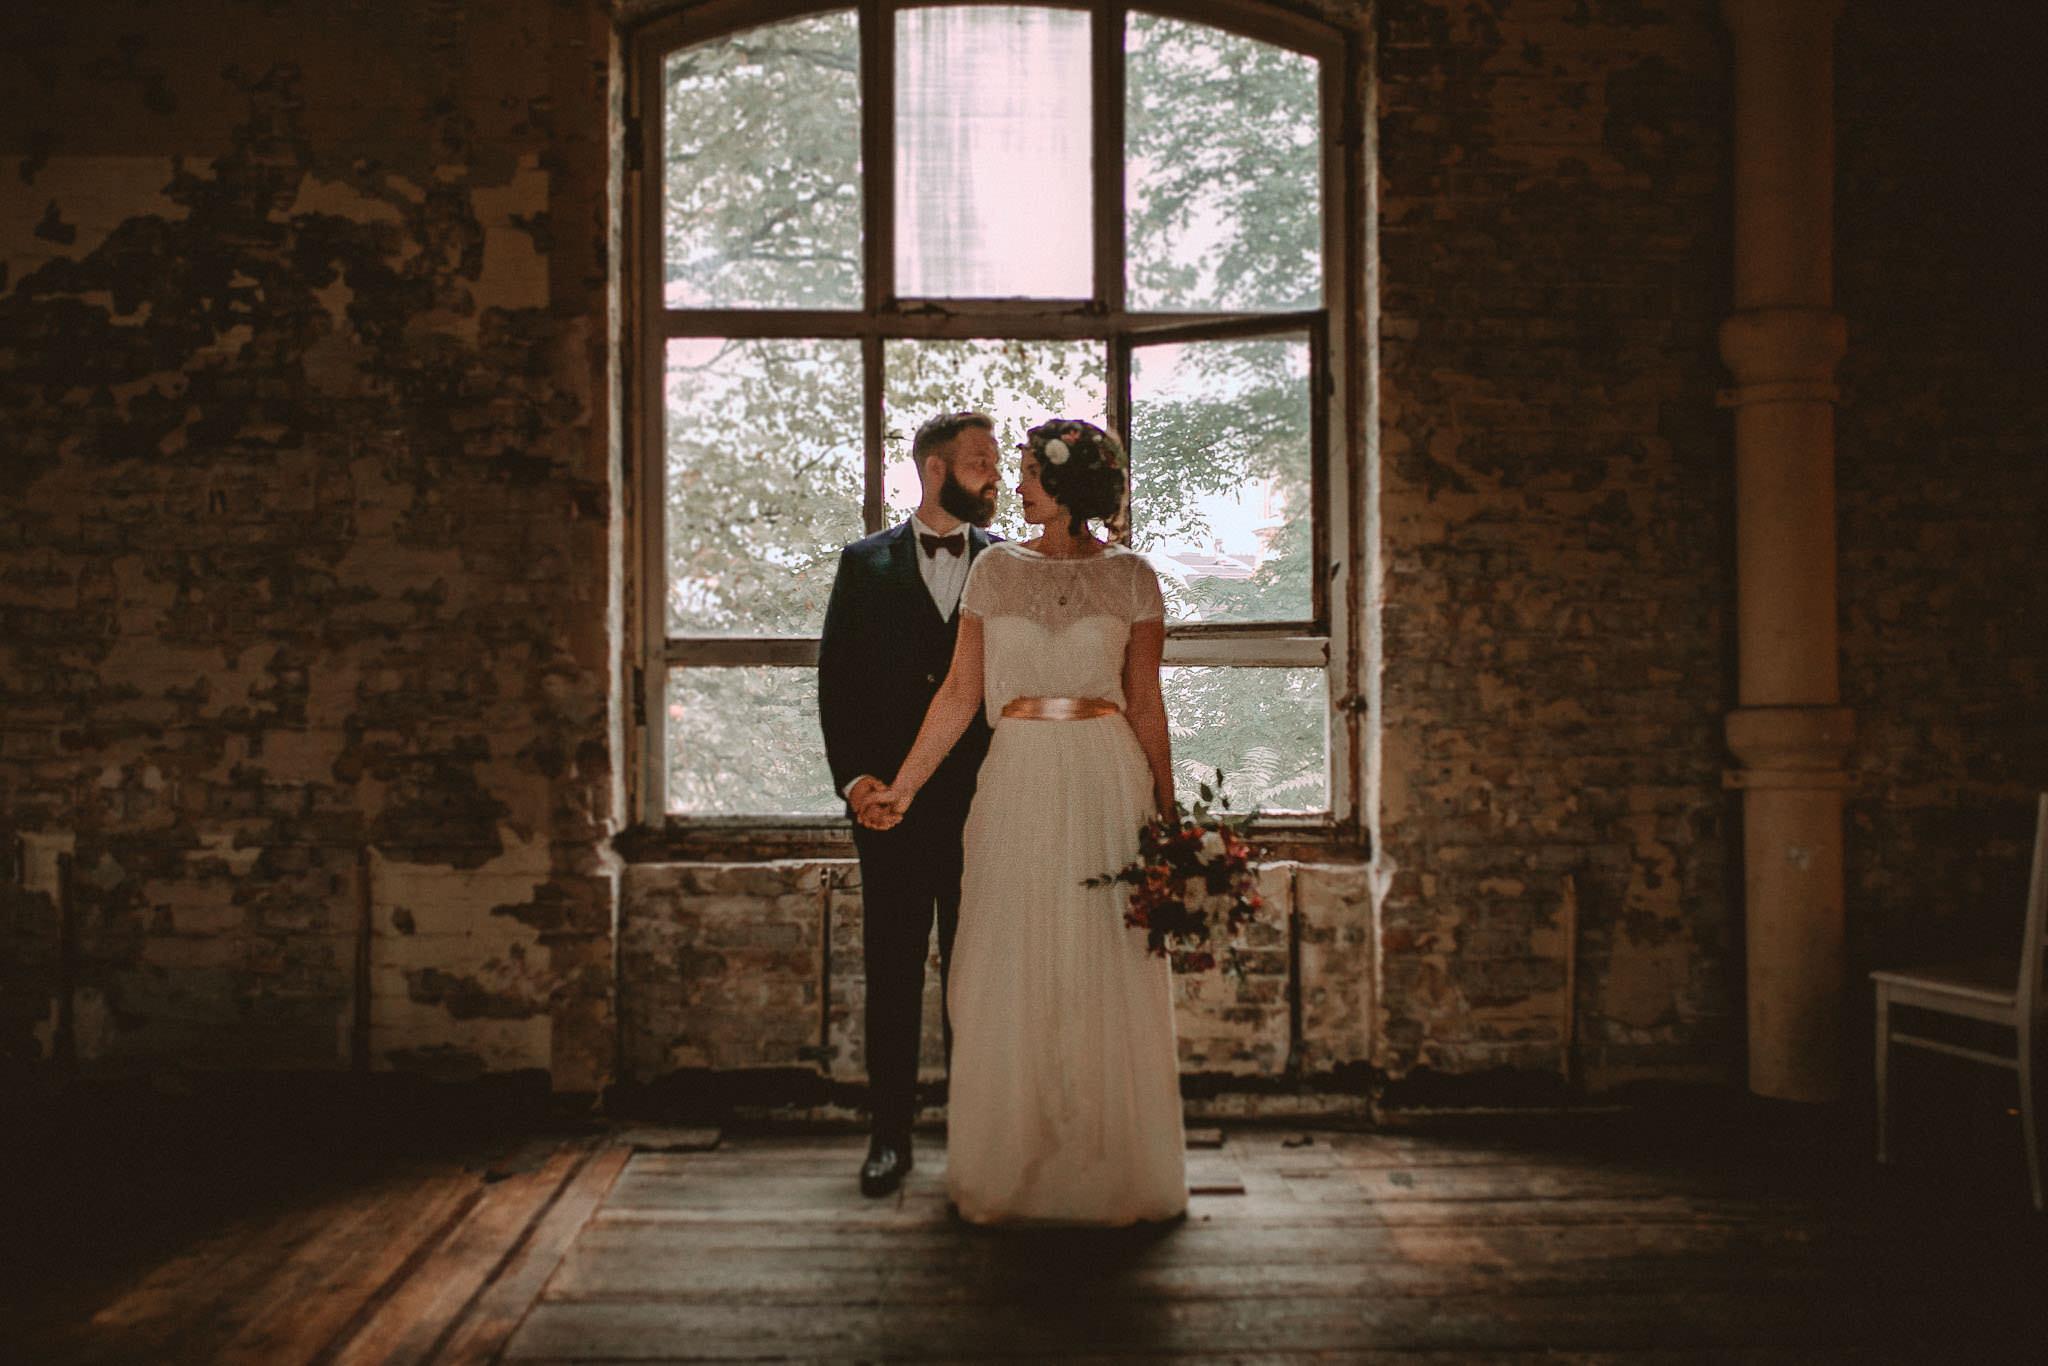 bester Hochzeitsfotograf in Berlin, Deutschland